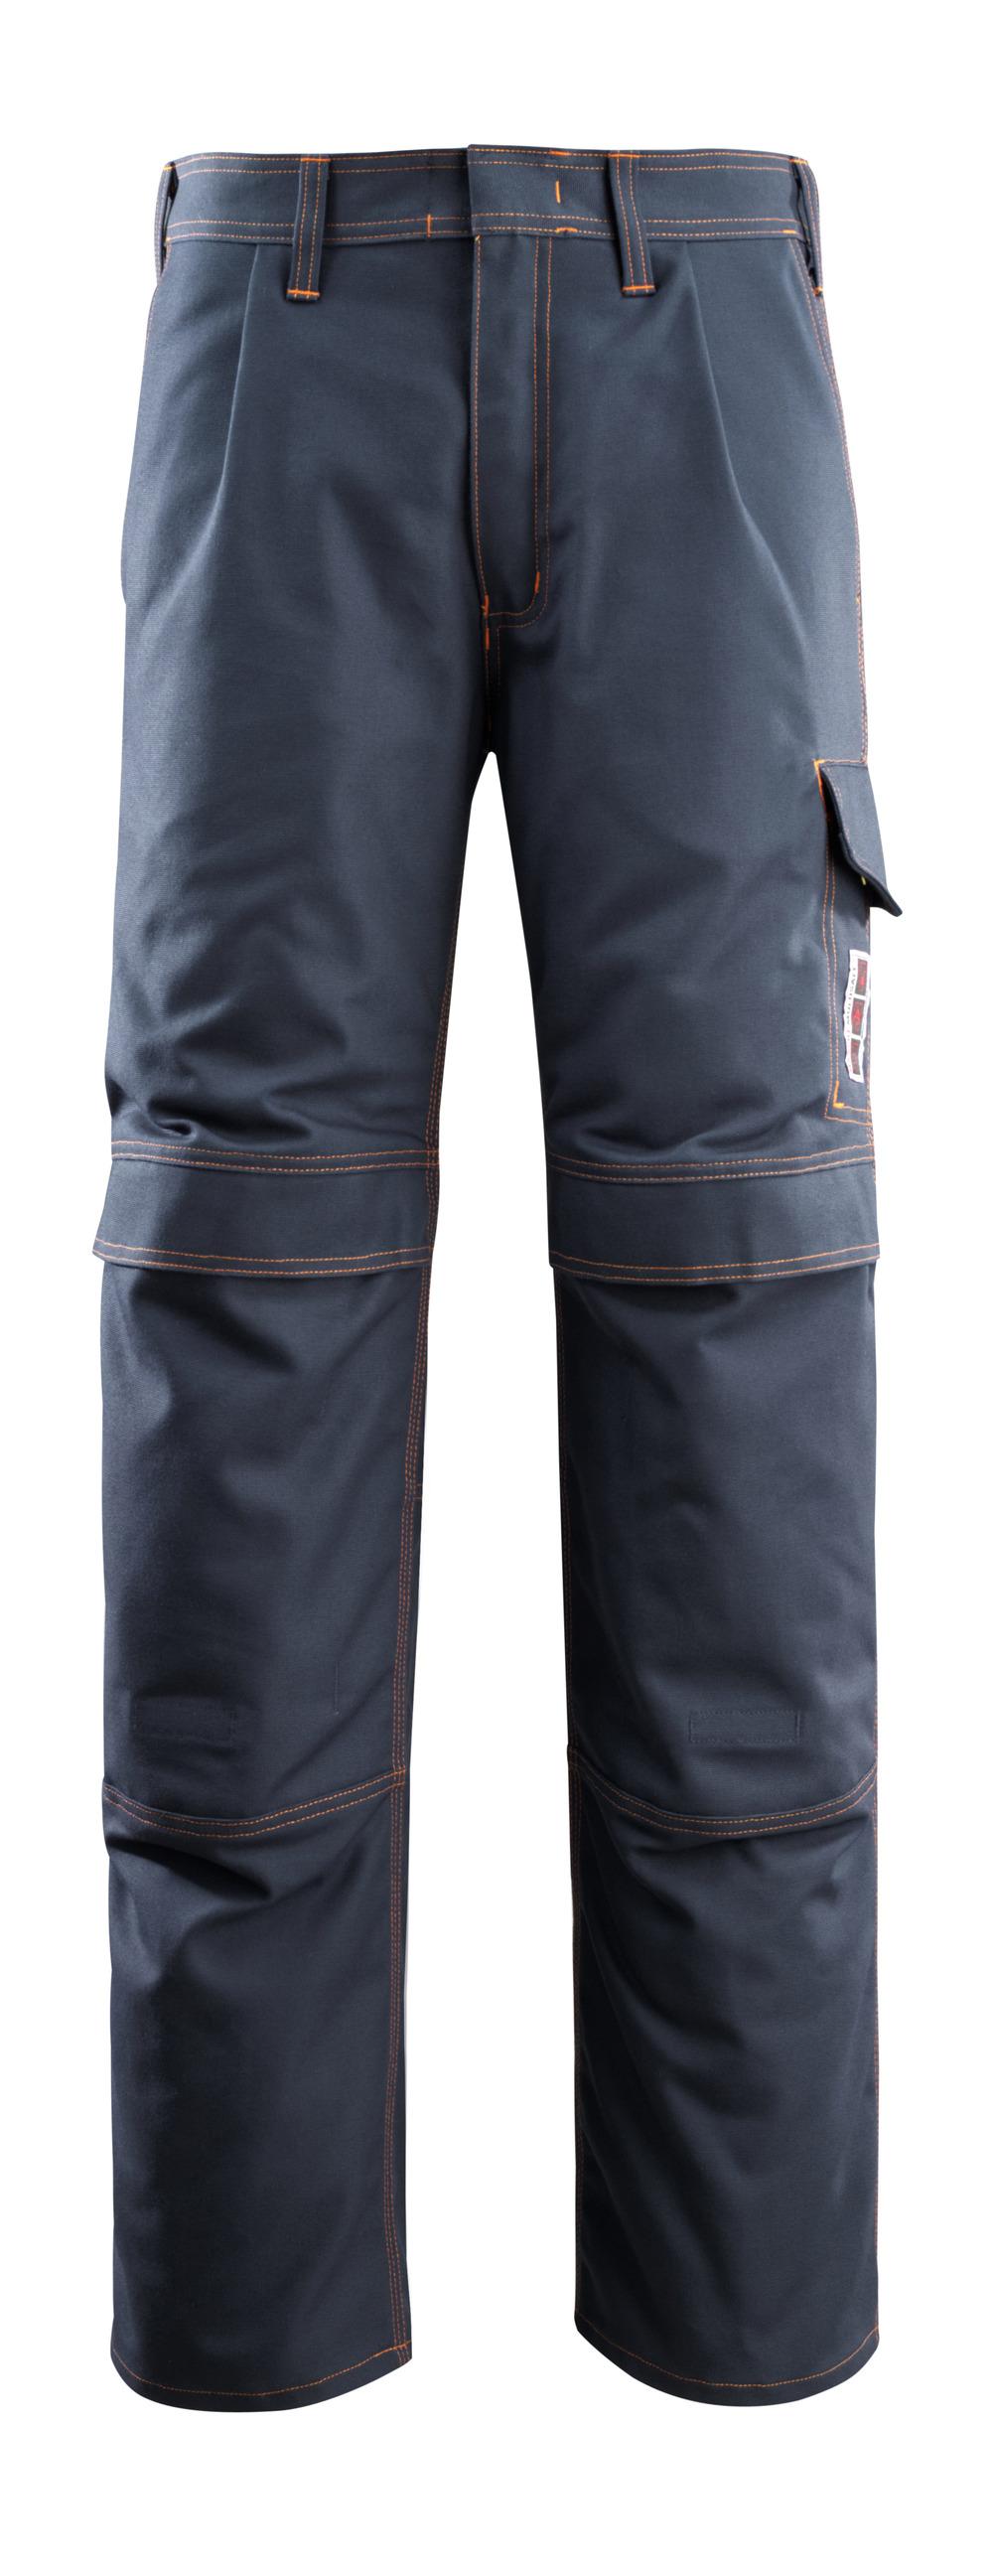 06679-135-010 Pantaloni con tasche porta-ginocchiere - blu navy scuro